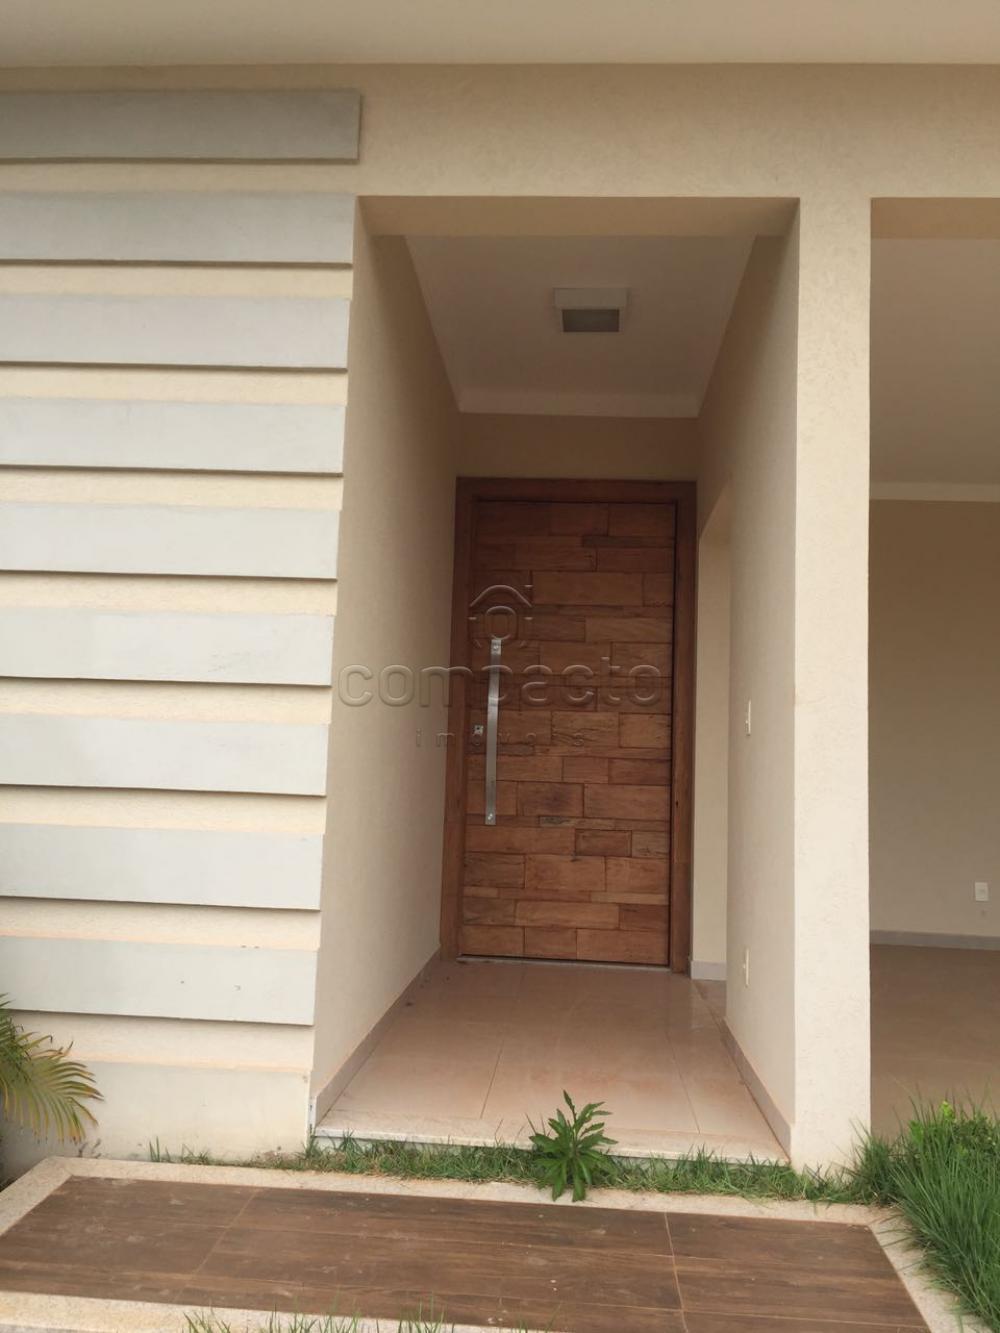 Comprar Casa / Condomínio em Mirassol apenas R$ 570.000,00 - Foto 2